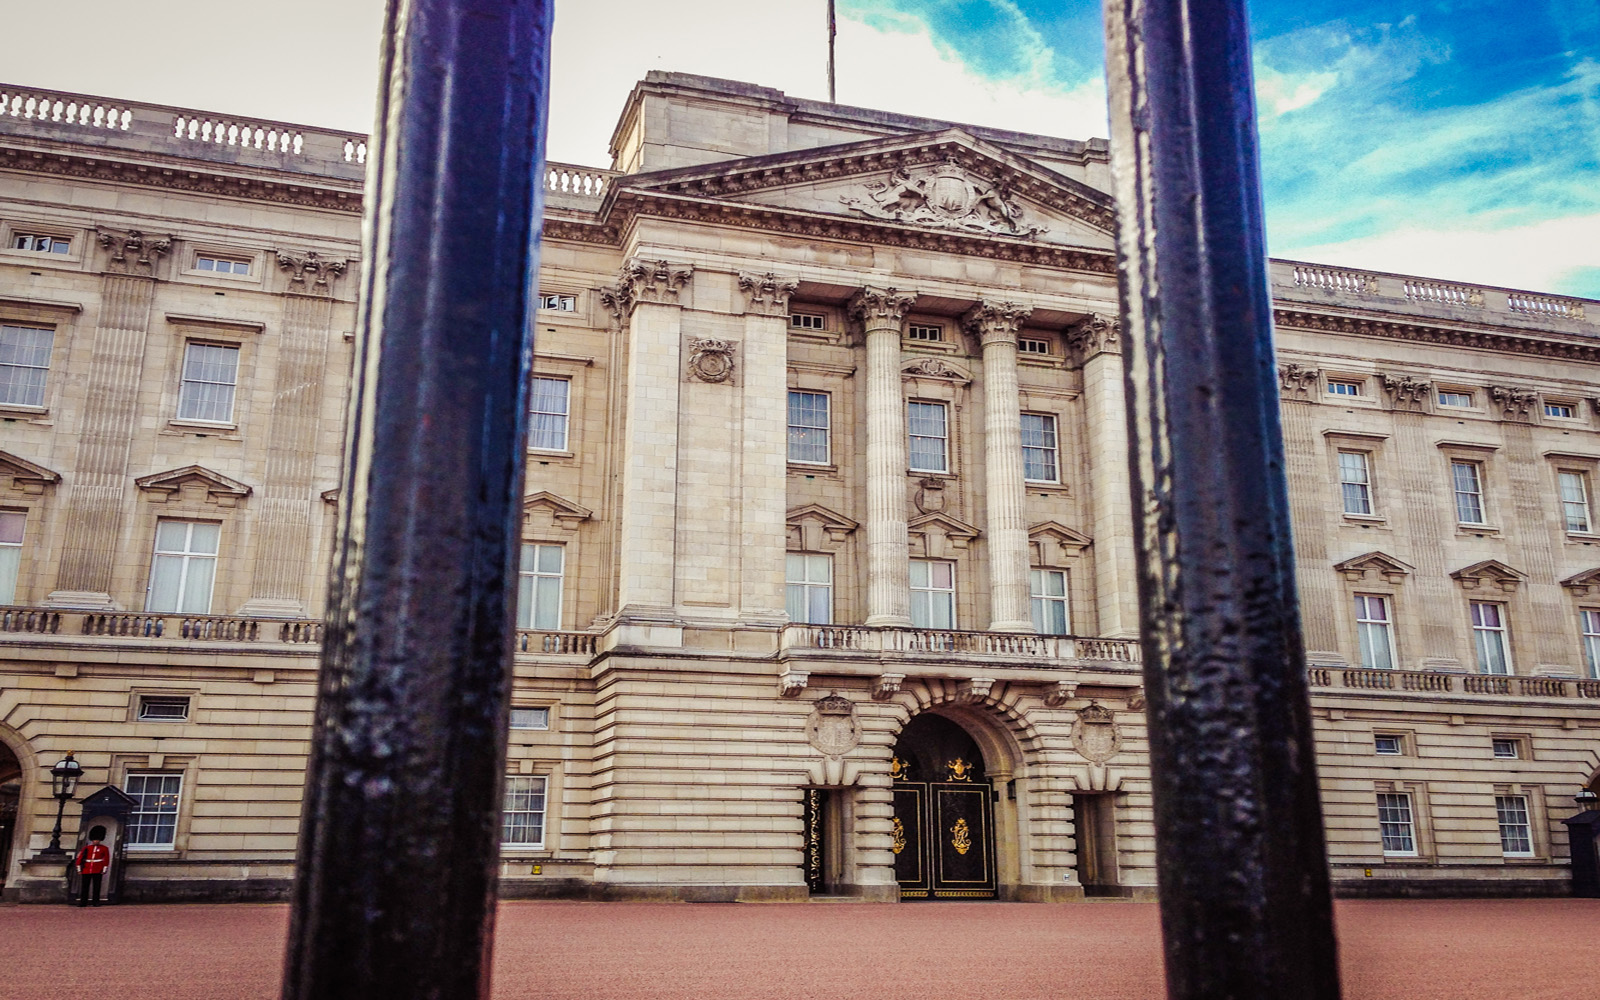 Buckingham Palace United Kingdom